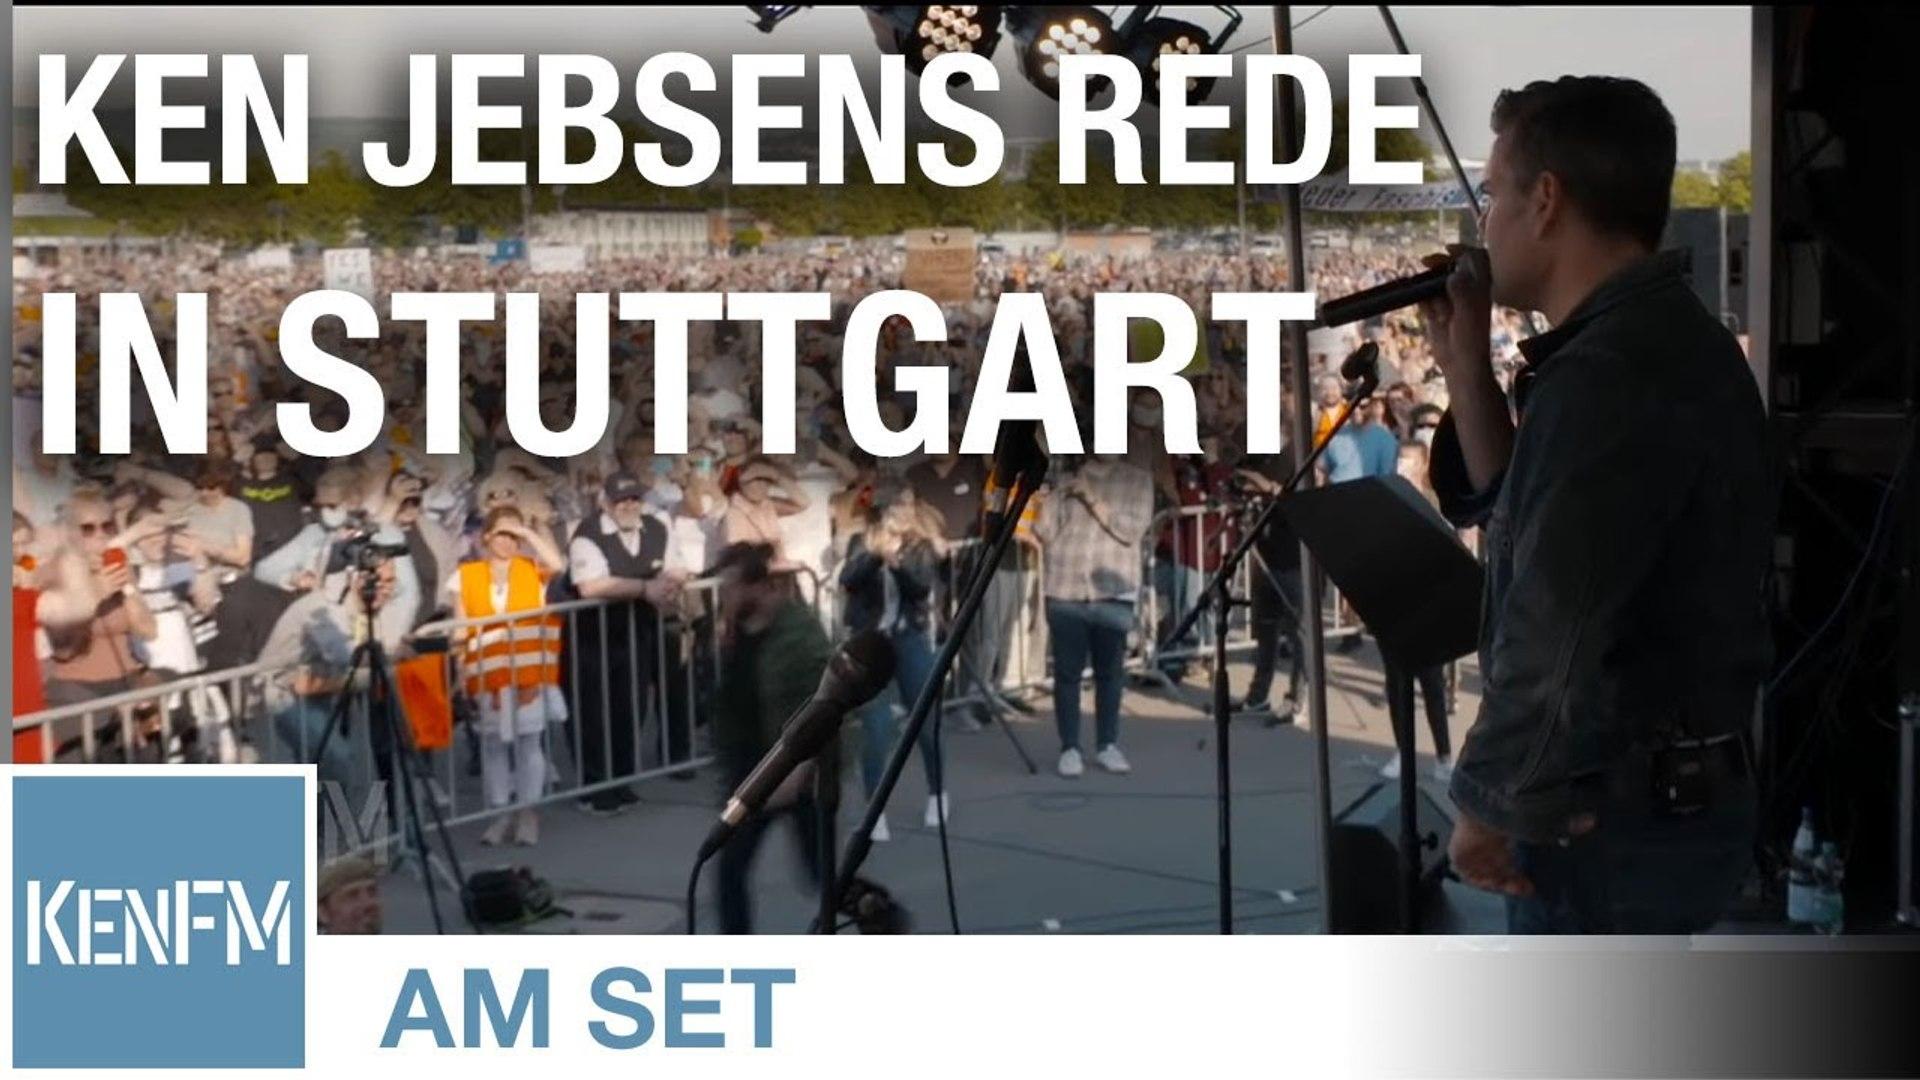 Ken Jebsens Rede anläßlich der Demonstration für Grundrechte auf den Cannstatter Wasen am 9. Mai 202